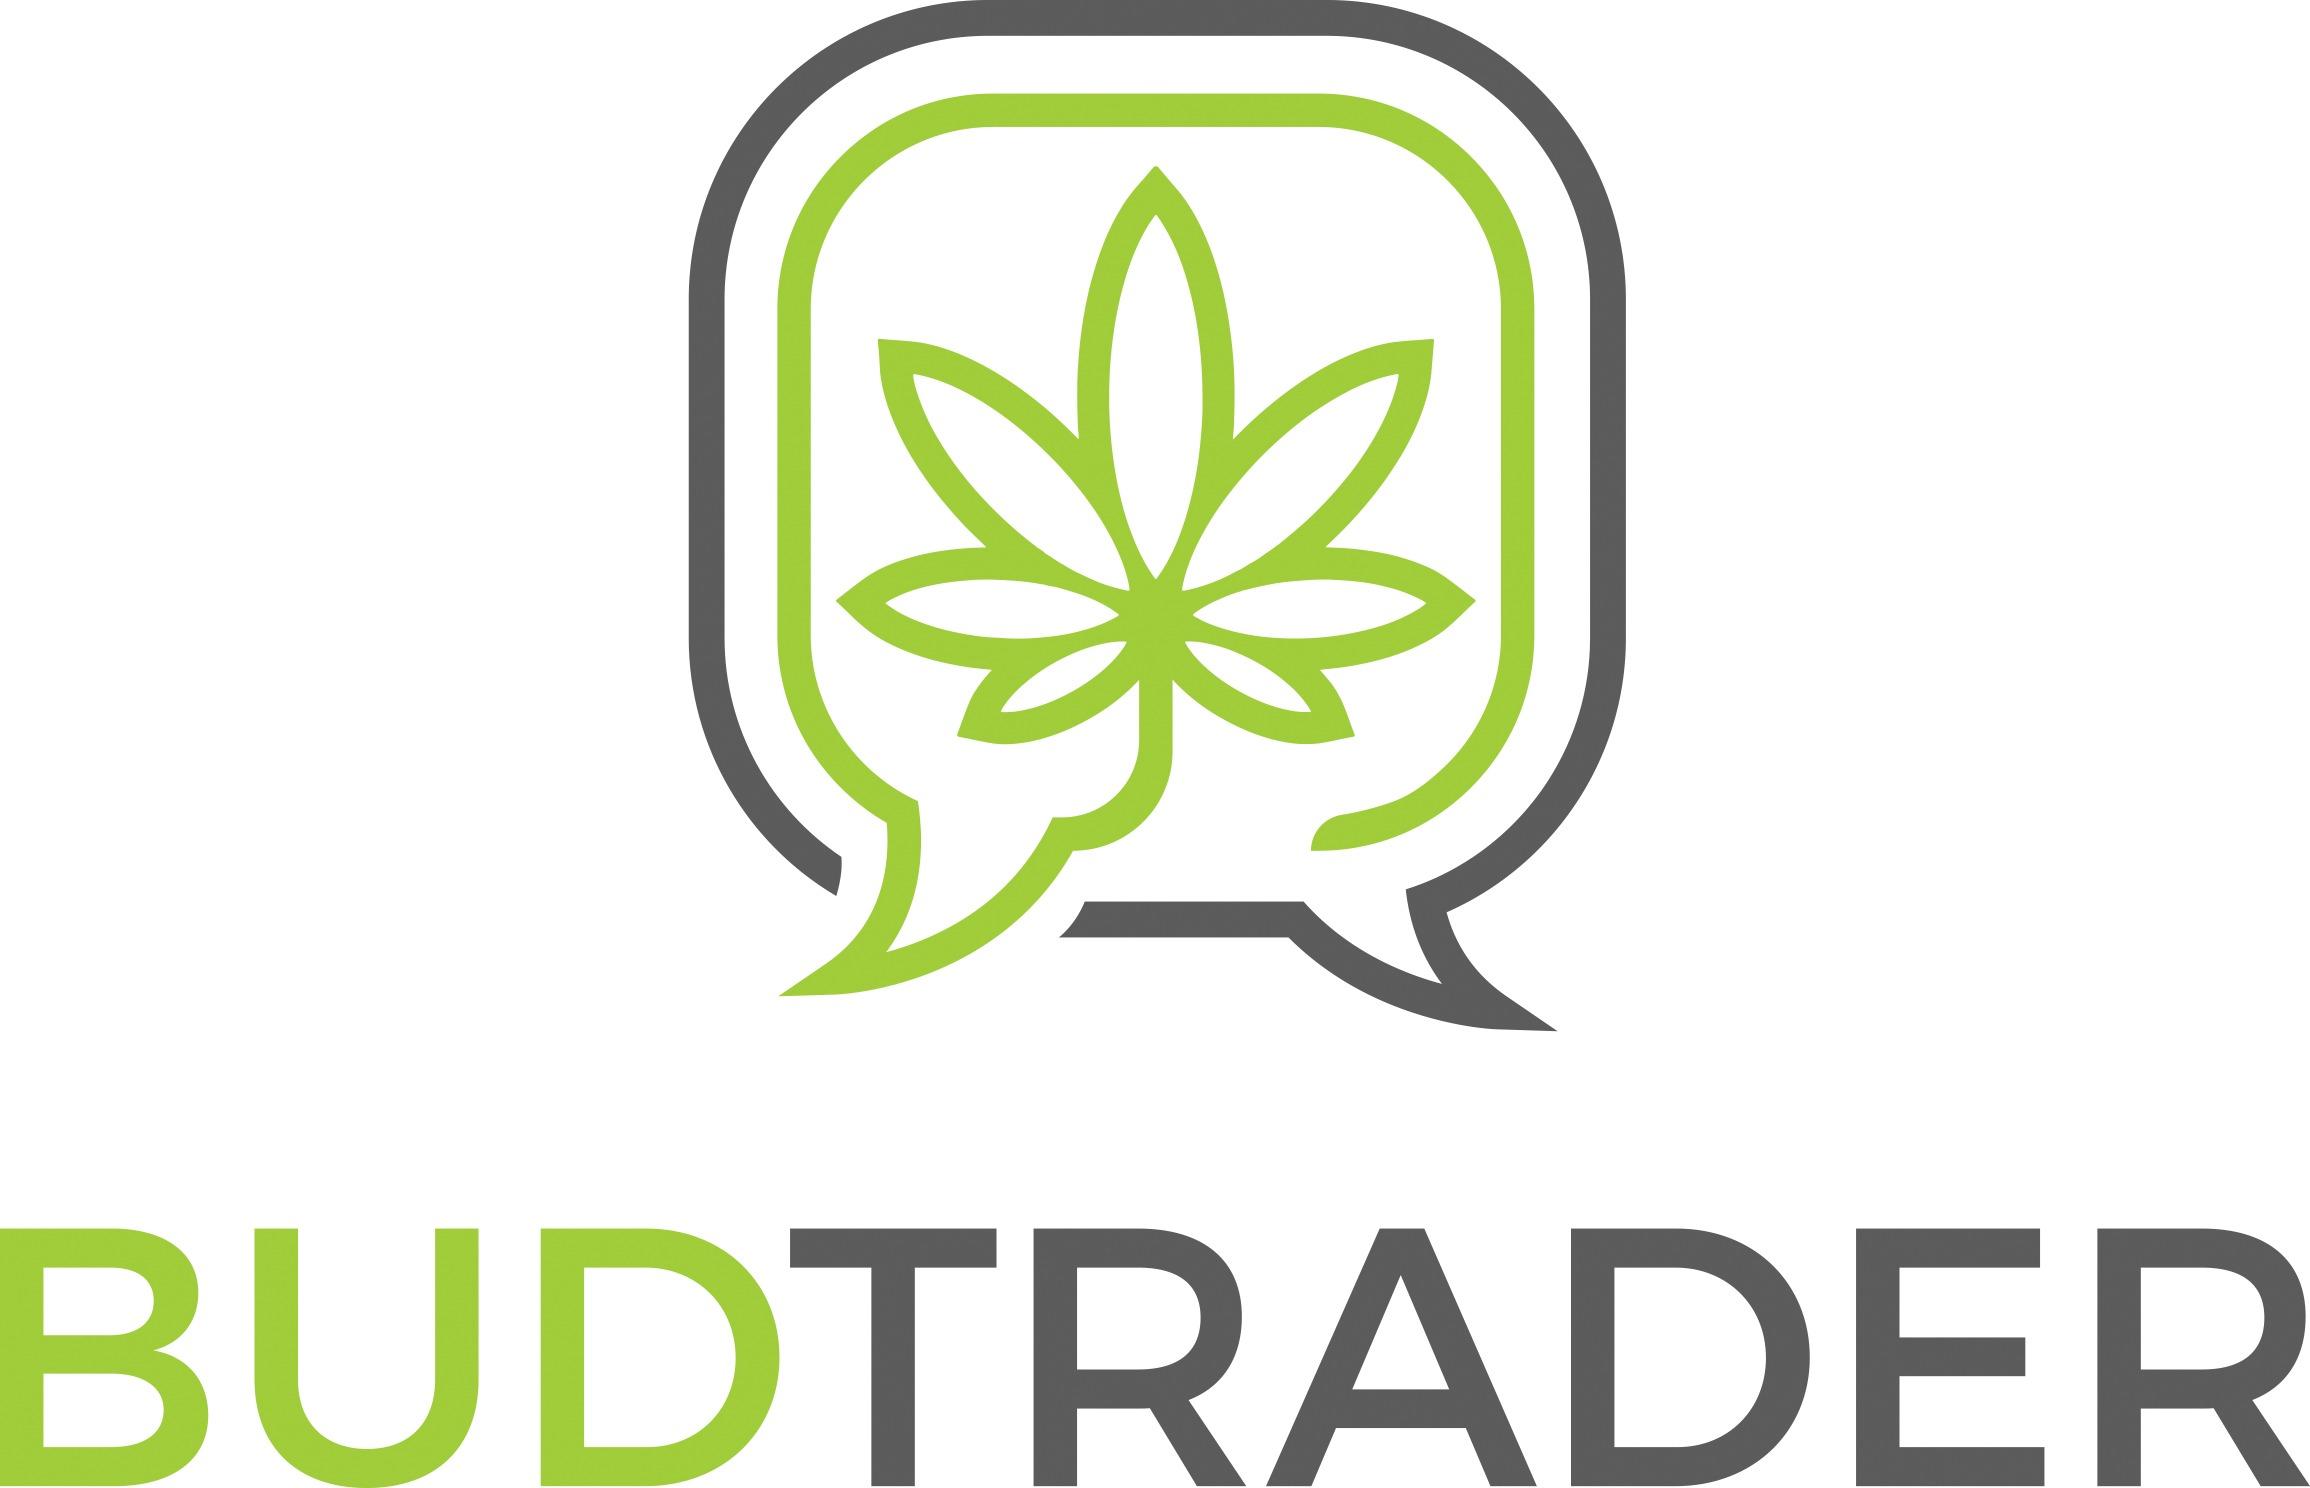 BudTrader com Home Page